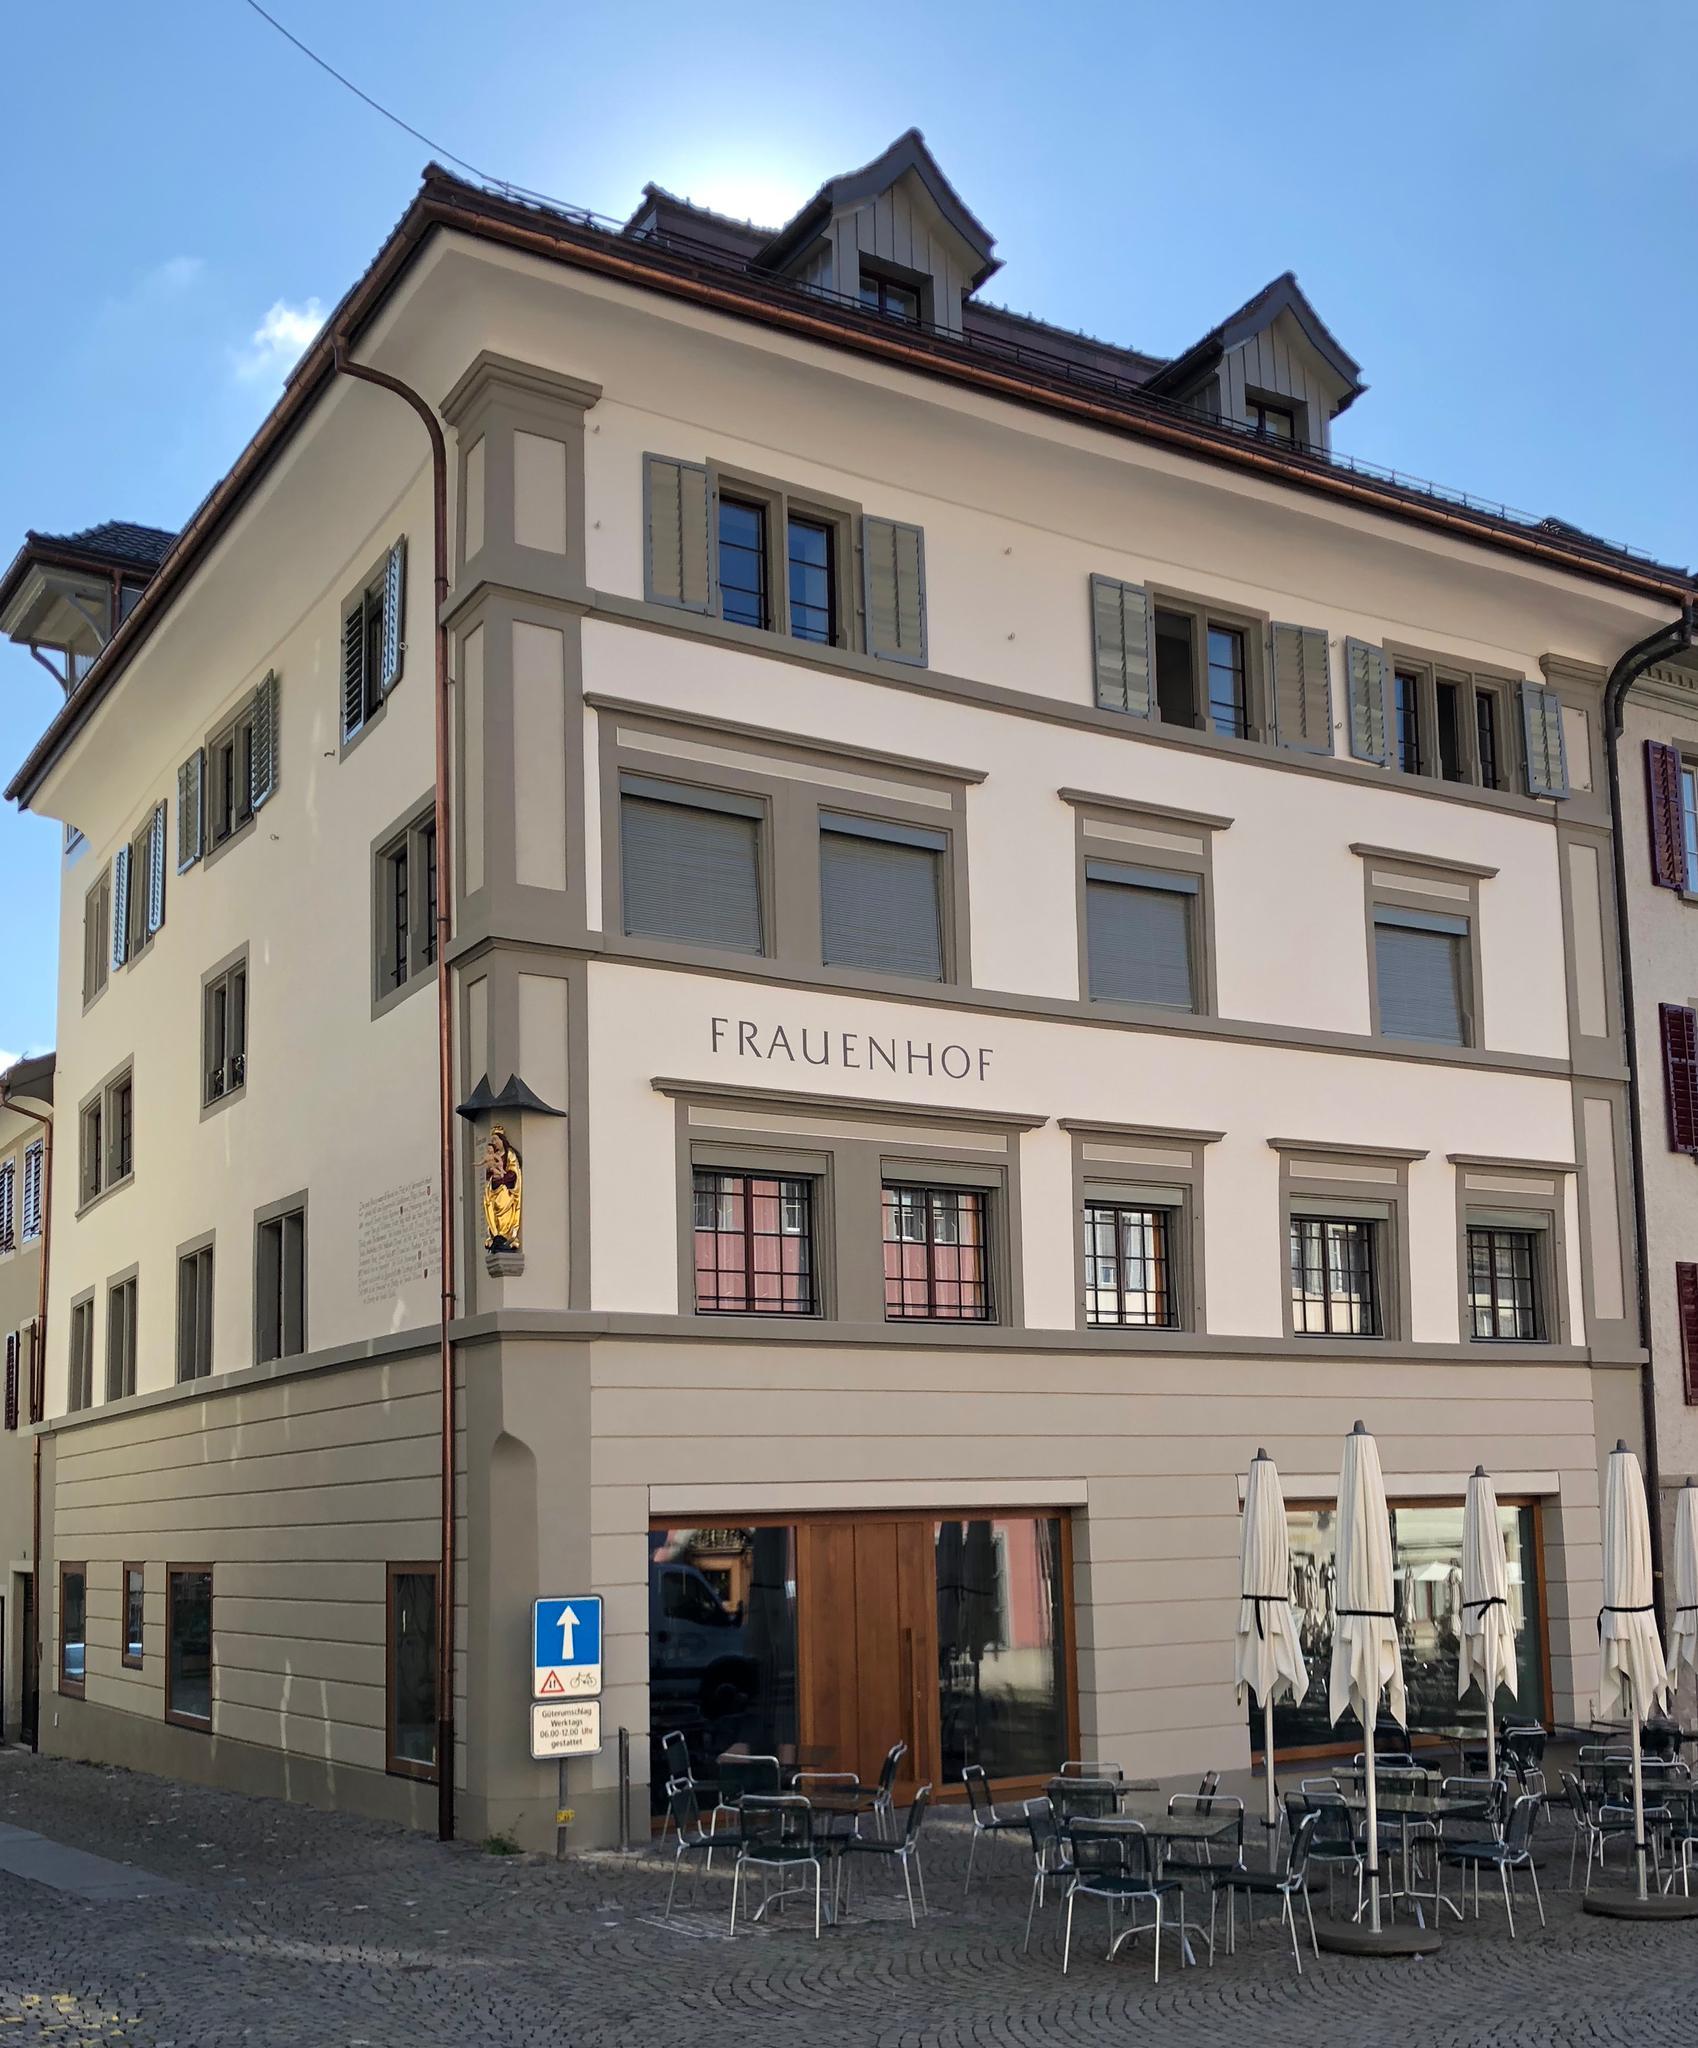 4 Wohnungen  & Restaurant